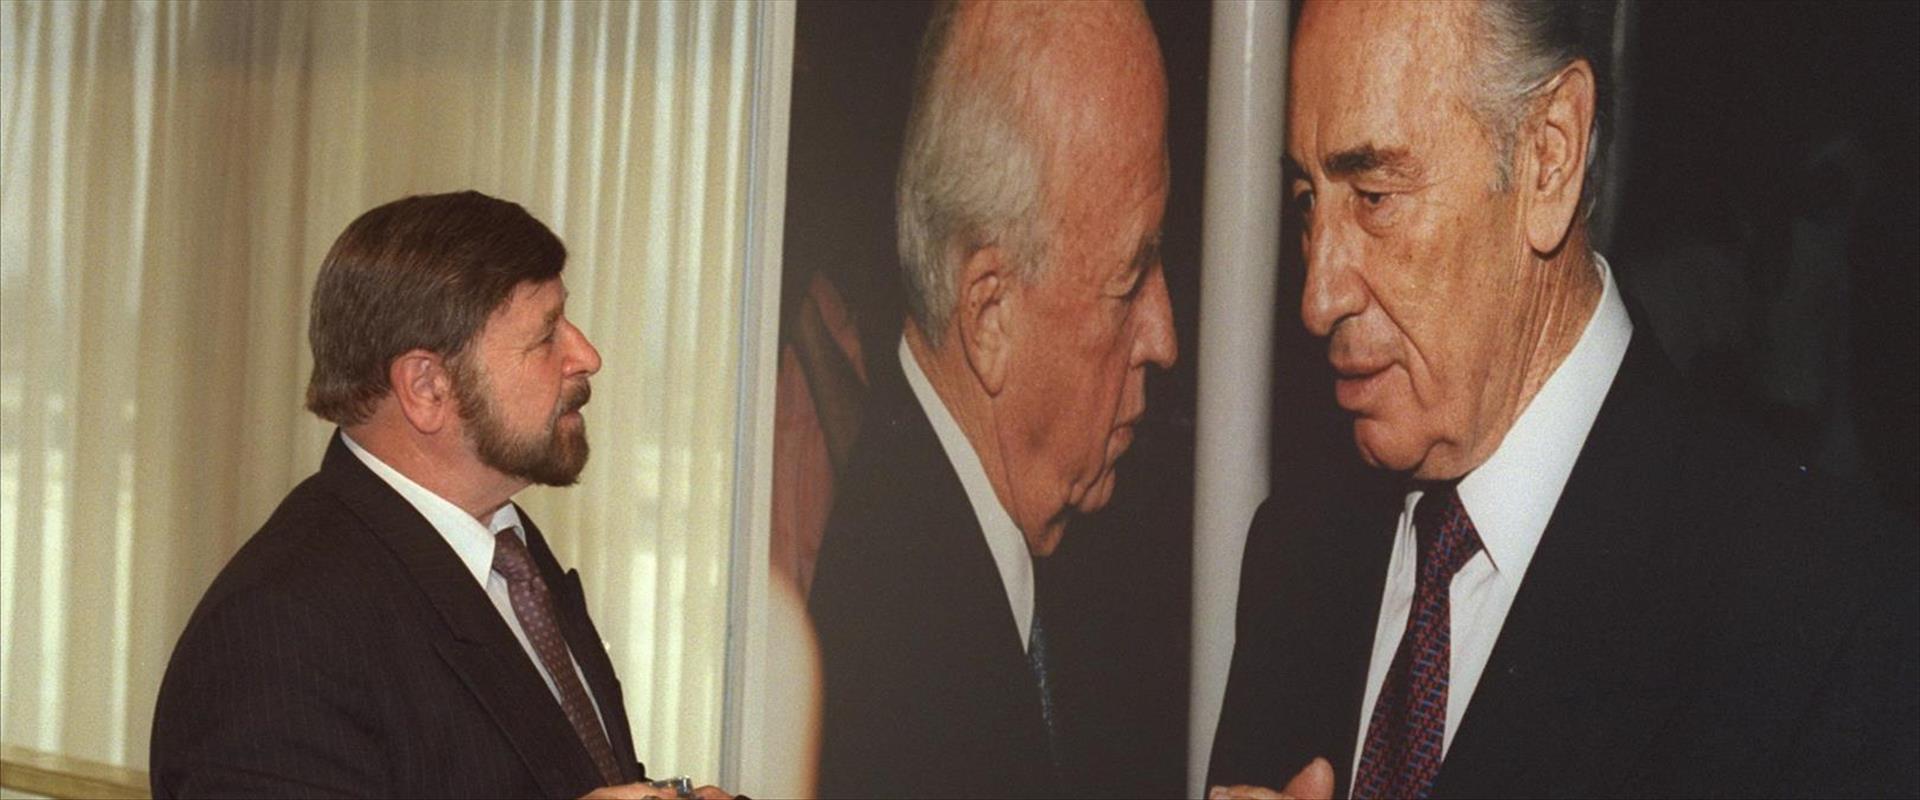 וייס מתבונן בתמונה בתערוכה בכנסת לזכר רבין, 1995